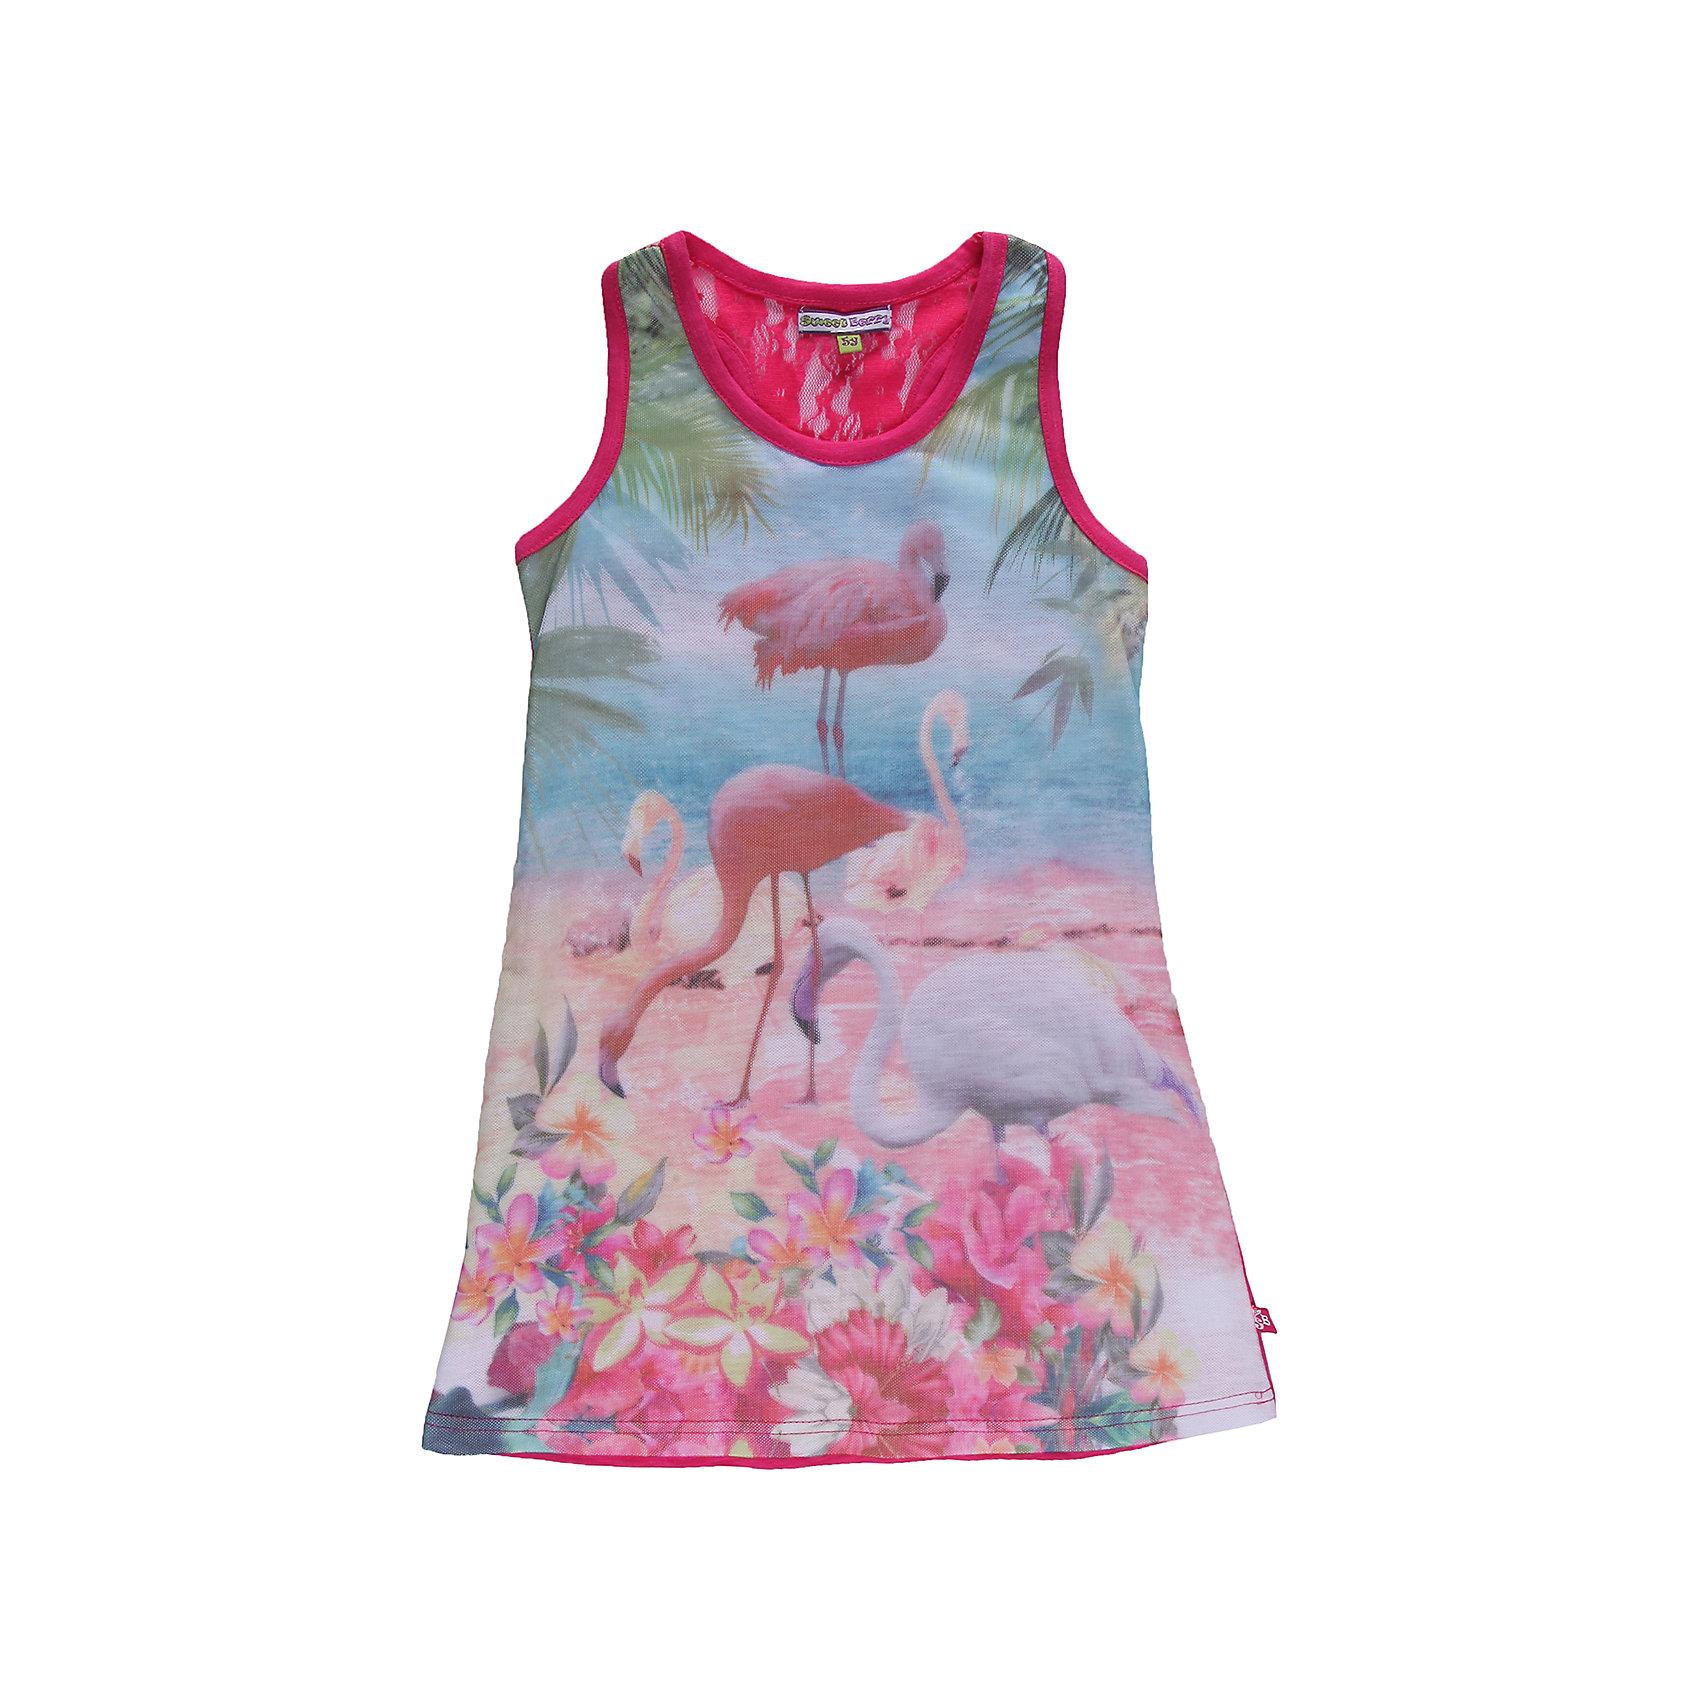 Платье для девочки Sweet BerryПлатье с 3D  эффектом, двойная полочка из трикотажа и сетки.<br>Состав:<br>95% хлопок, 5% эластан<br><br>Ширина мм: 236<br>Глубина мм: 16<br>Высота мм: 184<br>Вес г: 177<br>Цвет: розовый<br>Возраст от месяцев: 60<br>Возраст до месяцев: 72<br>Пол: Женский<br>Возраст: Детский<br>Размер: 116,128,98,104,110,122<br>SKU: 4521311